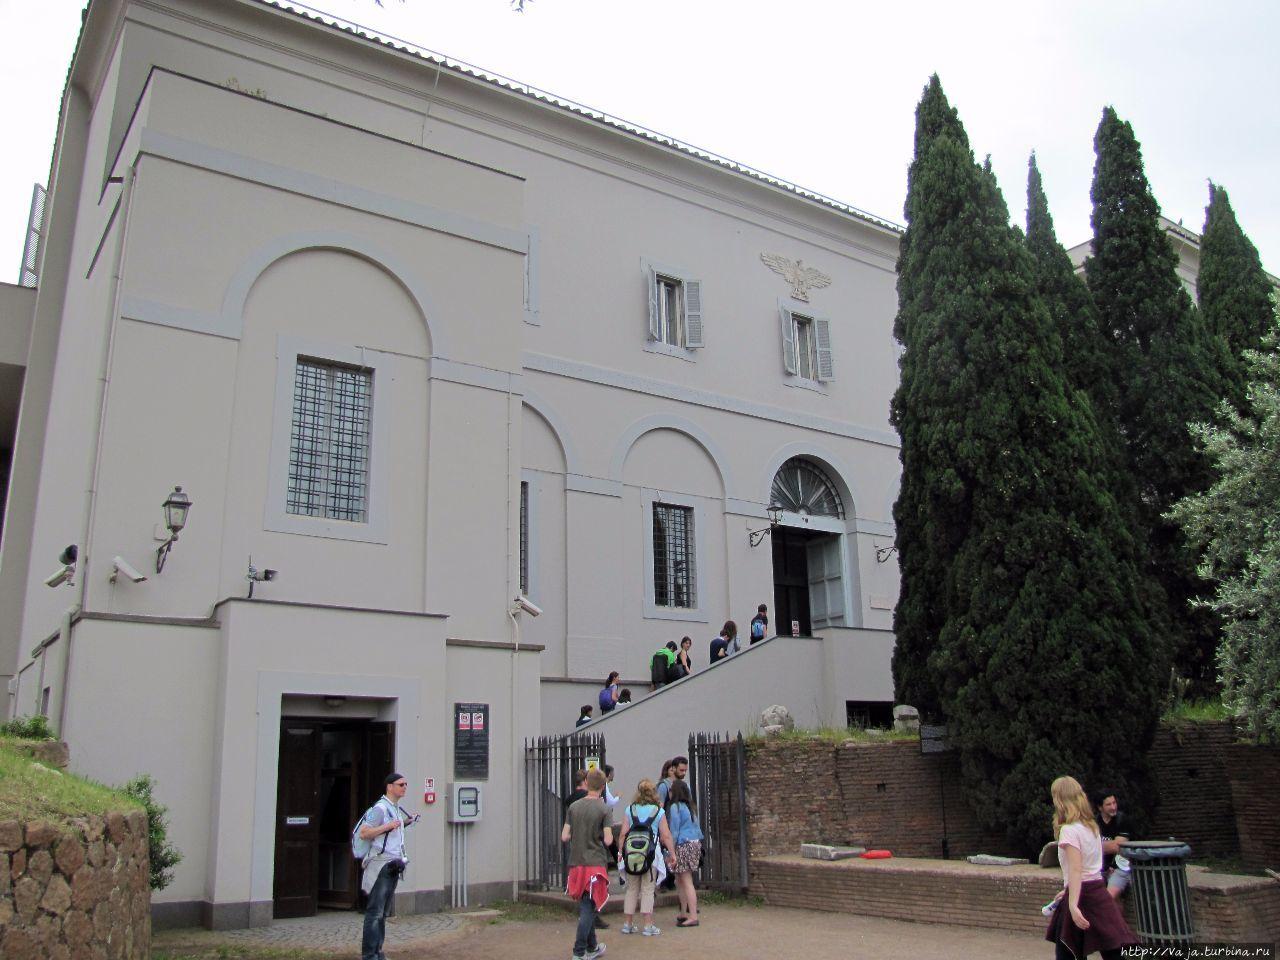 Музей Римского форума Рим, Италия